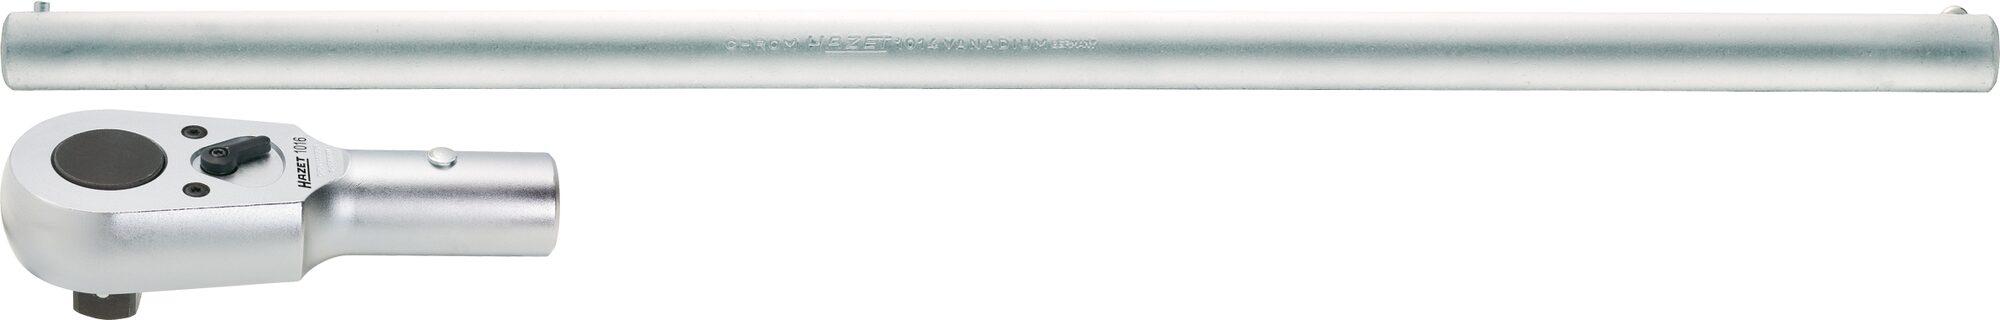 HAZET Umschalt-Knarrenkopf ∙ mit Drehstange 1016/2 ∙ Vierkant massiv 20 mm (3/4 Zoll) ∙ Anzahl Werkzeuge: 2